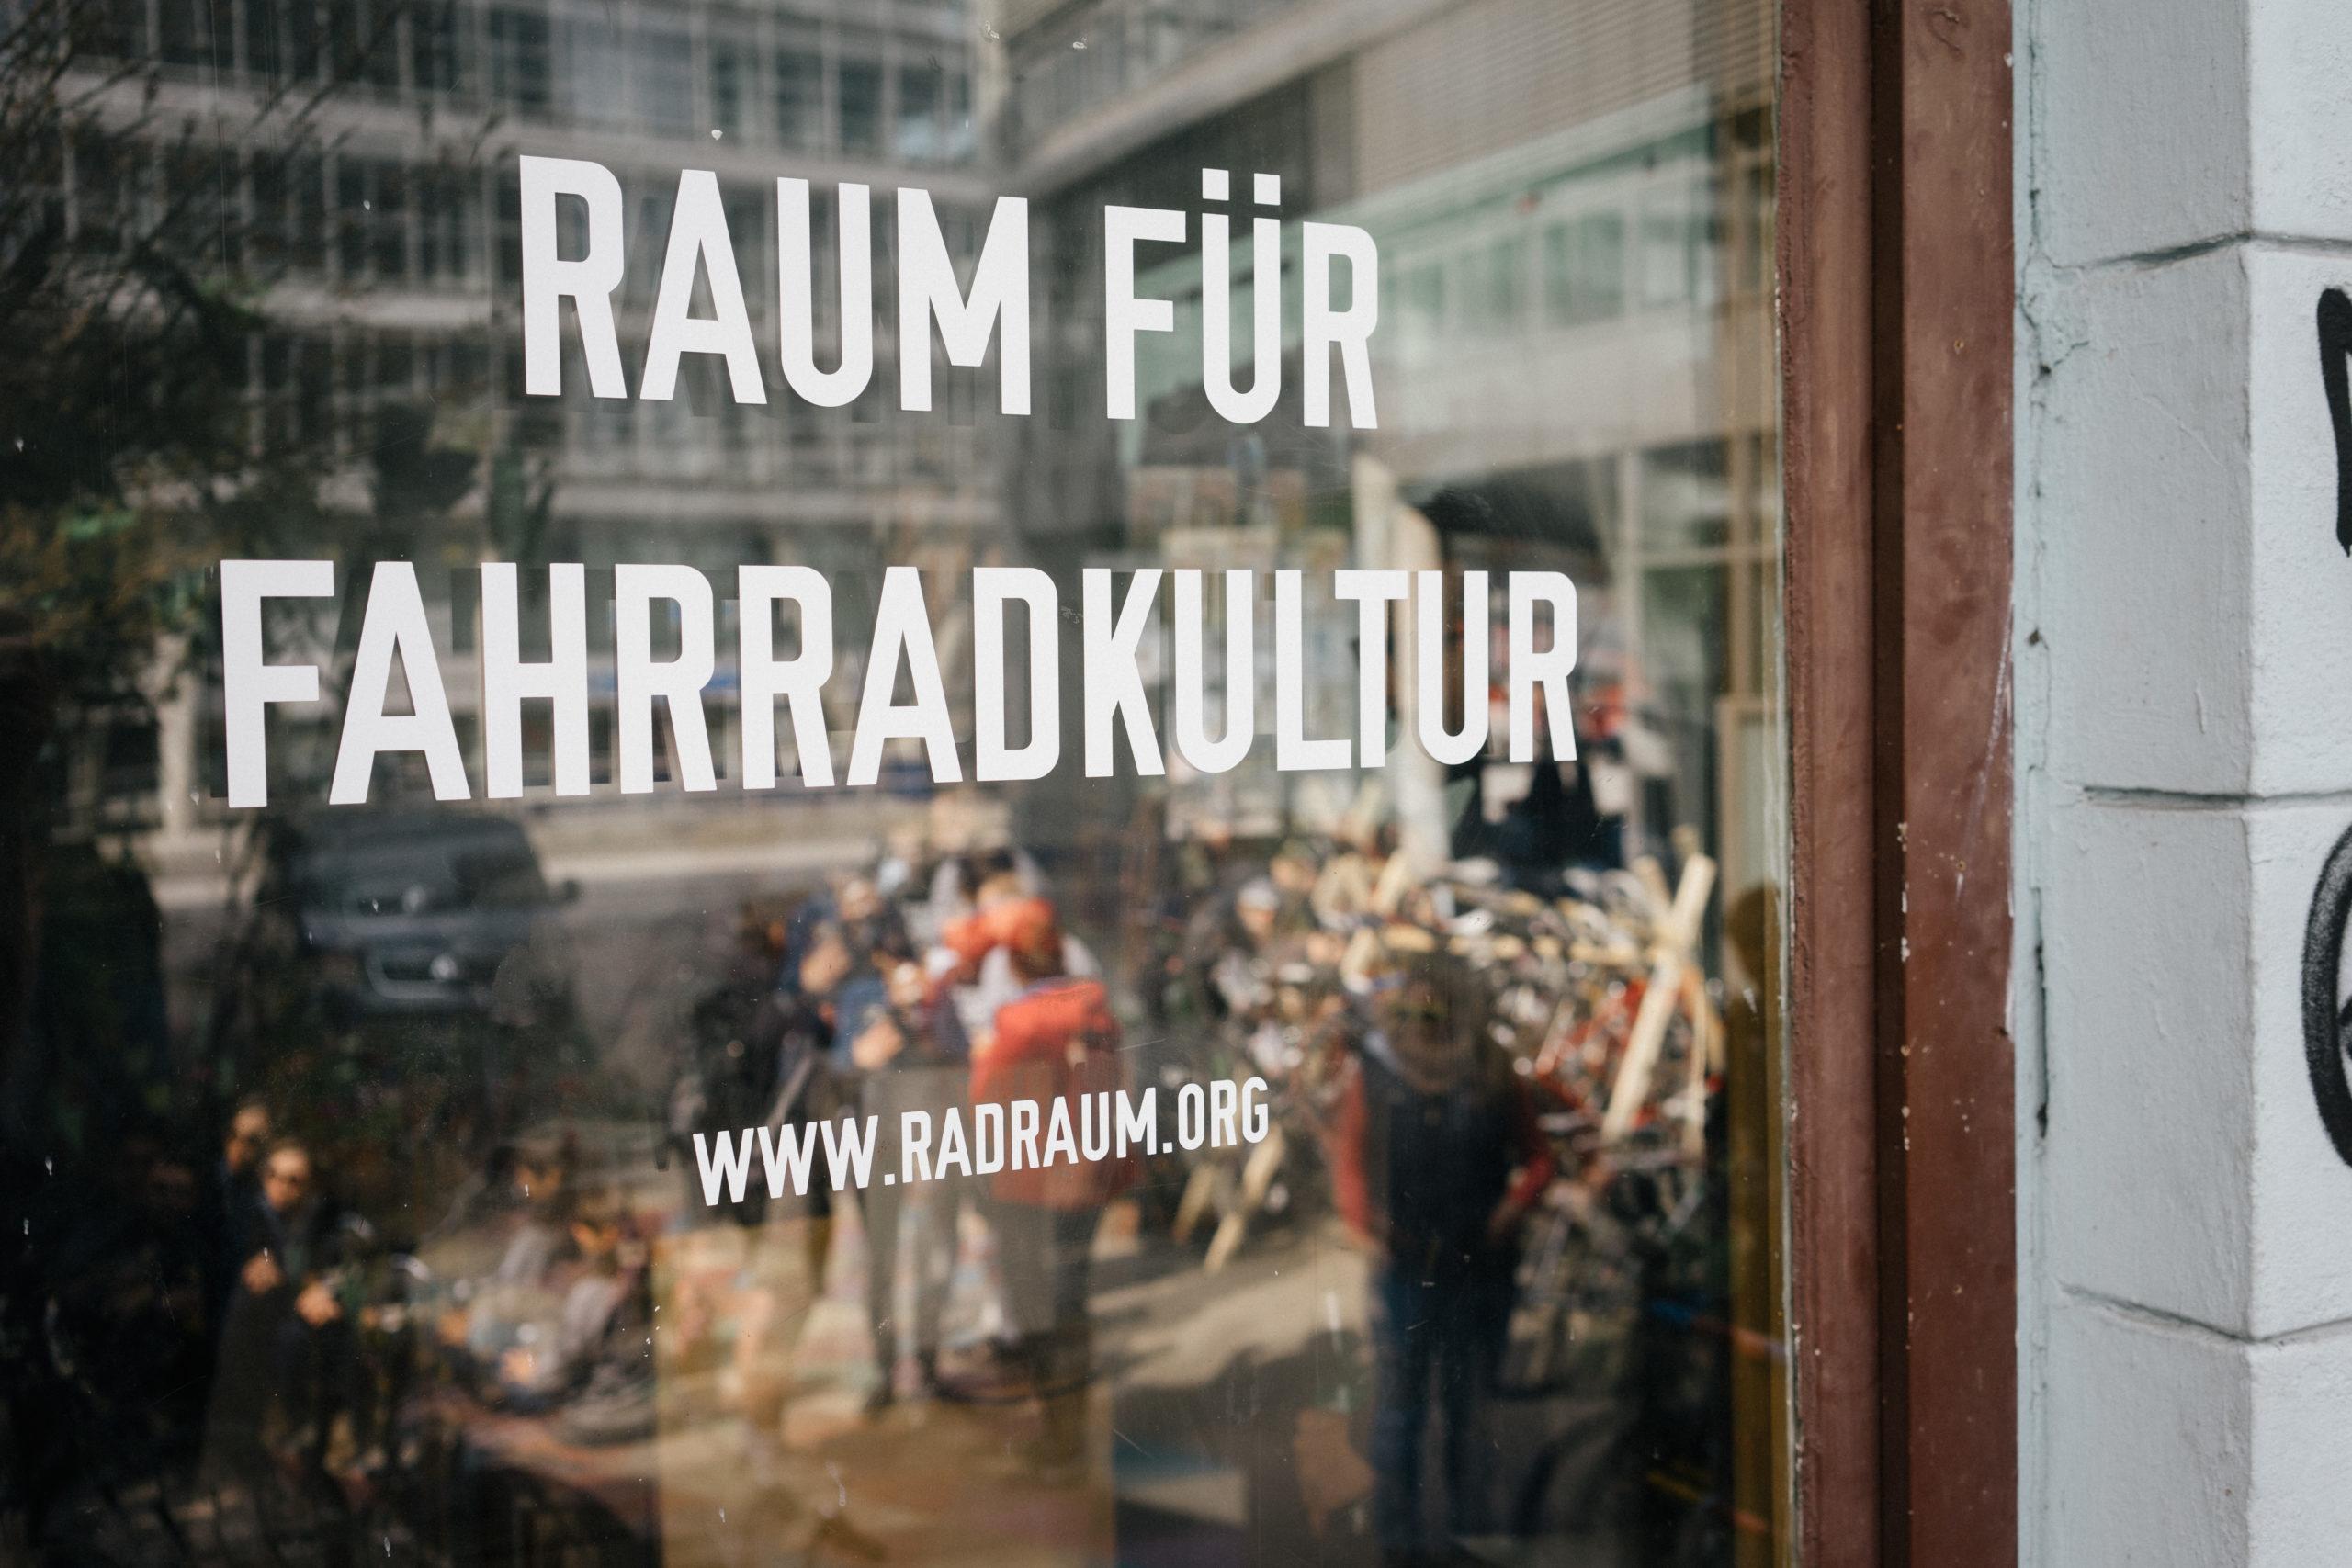 fenster_raum-fuer-fahrradkultur_TimKaiser_RADRAUMDSC06201-rgb